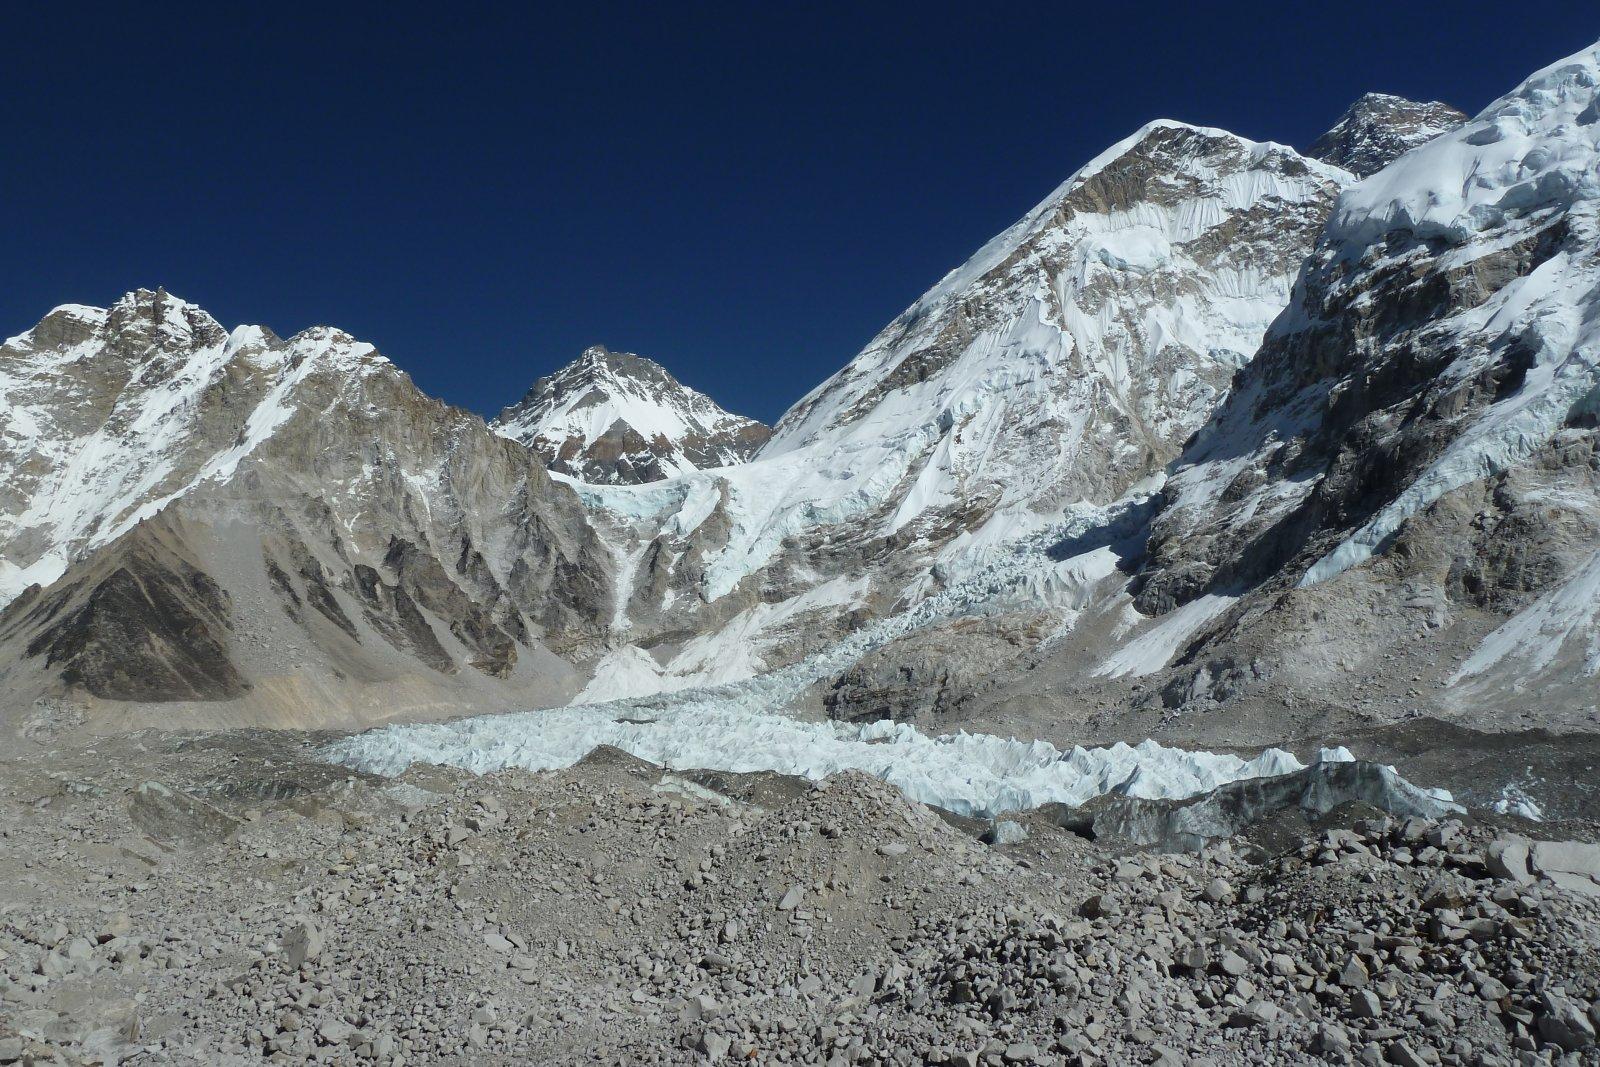 Kala Pattar и Базовый Лагерь Эвереста